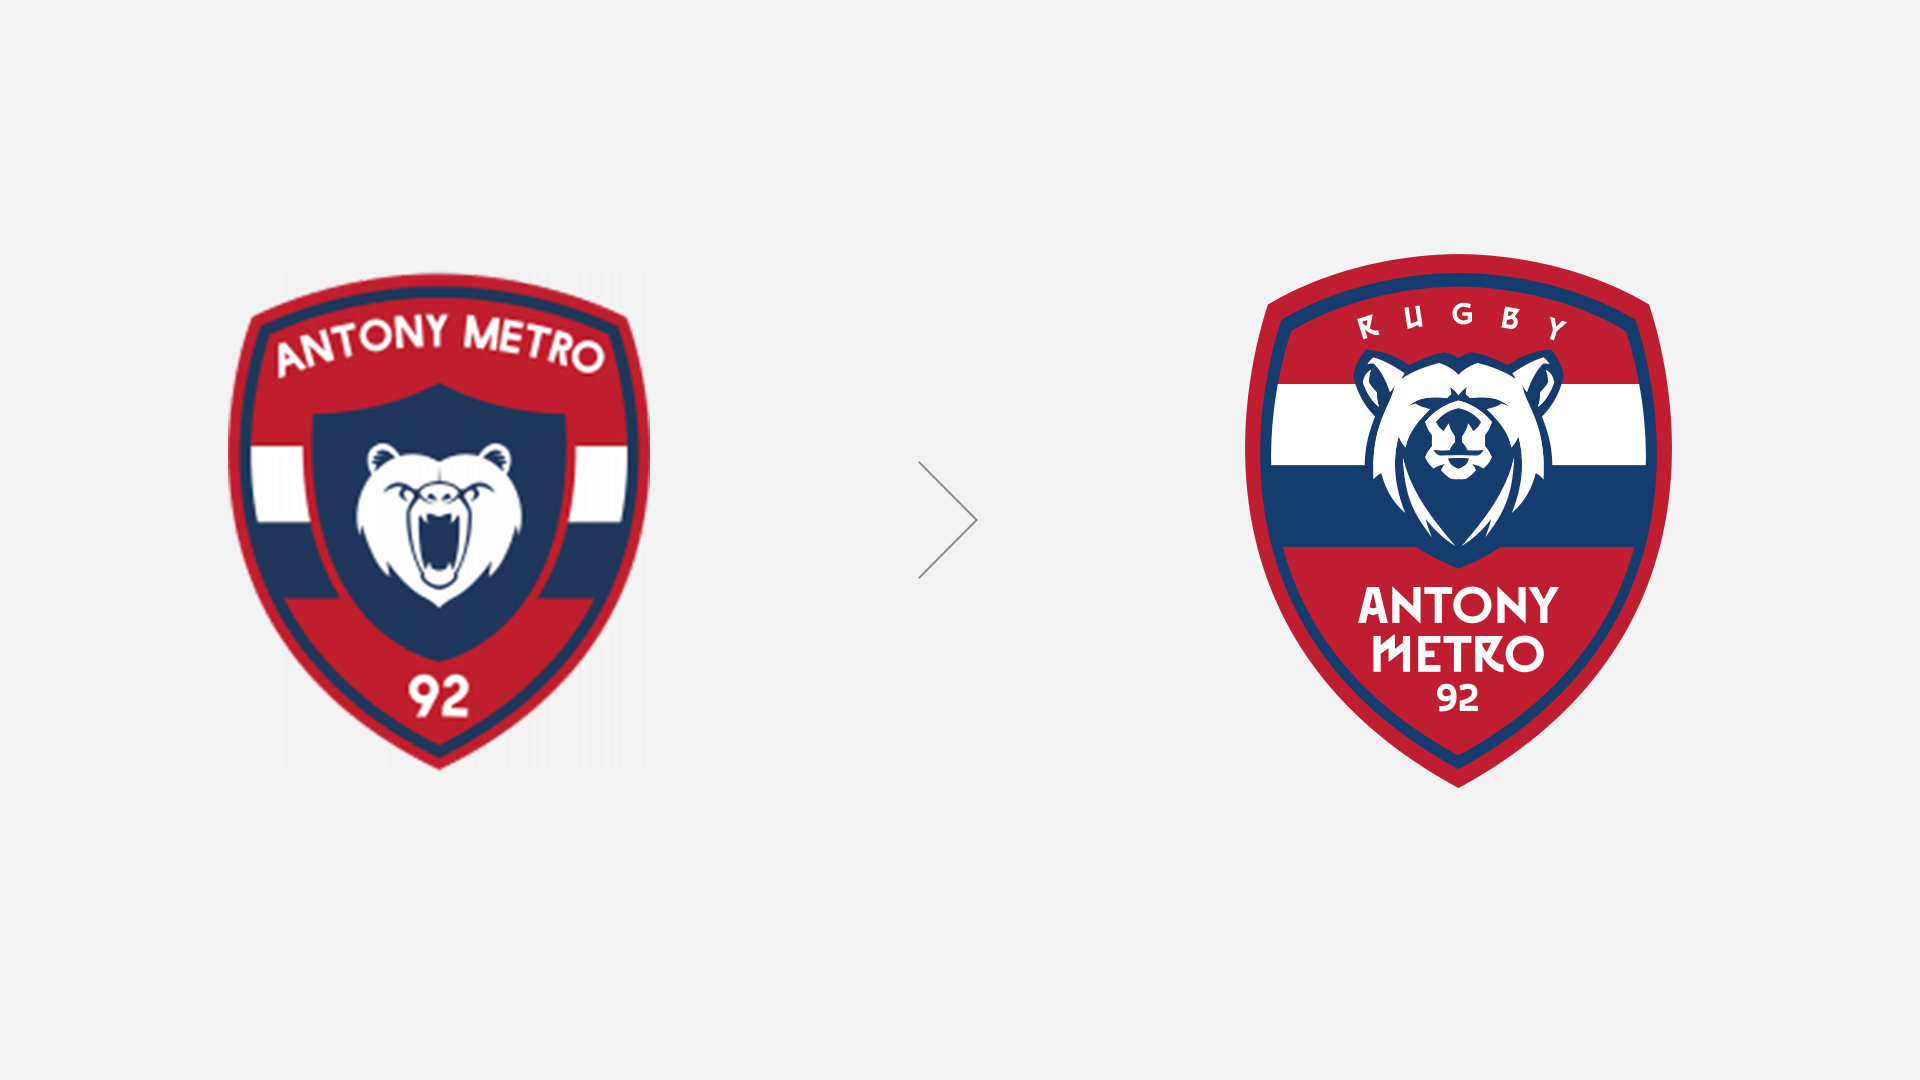 logos avant après d'Antony metro 92